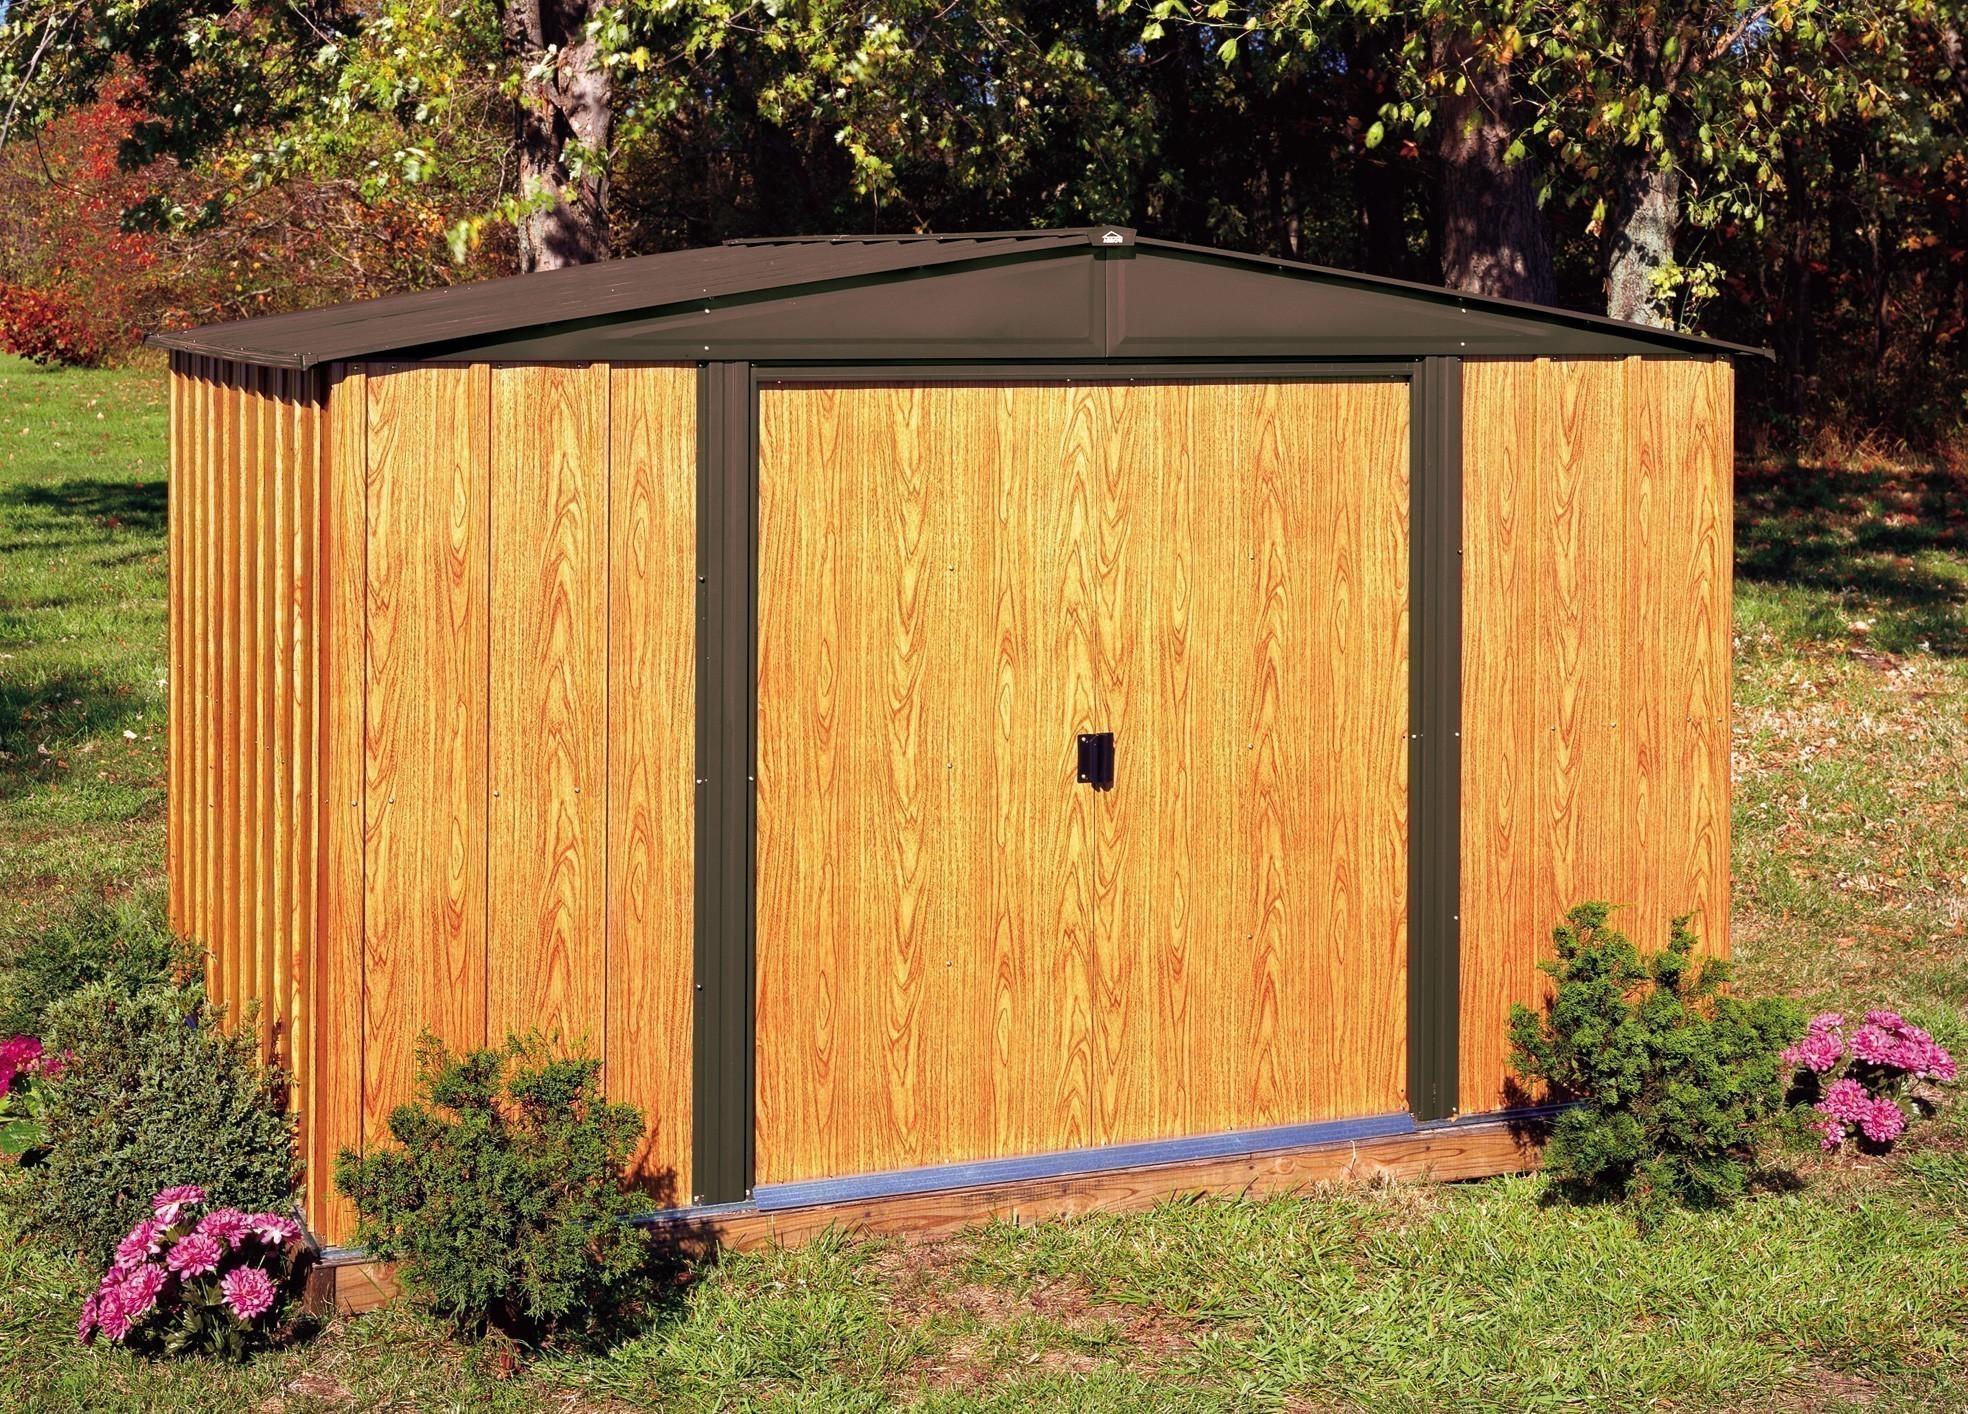 gertehaus metall affordable gertehaus gartenhaus metall with gertehaus metall obi gartenhaus. Black Bedroom Furniture Sets. Home Design Ideas